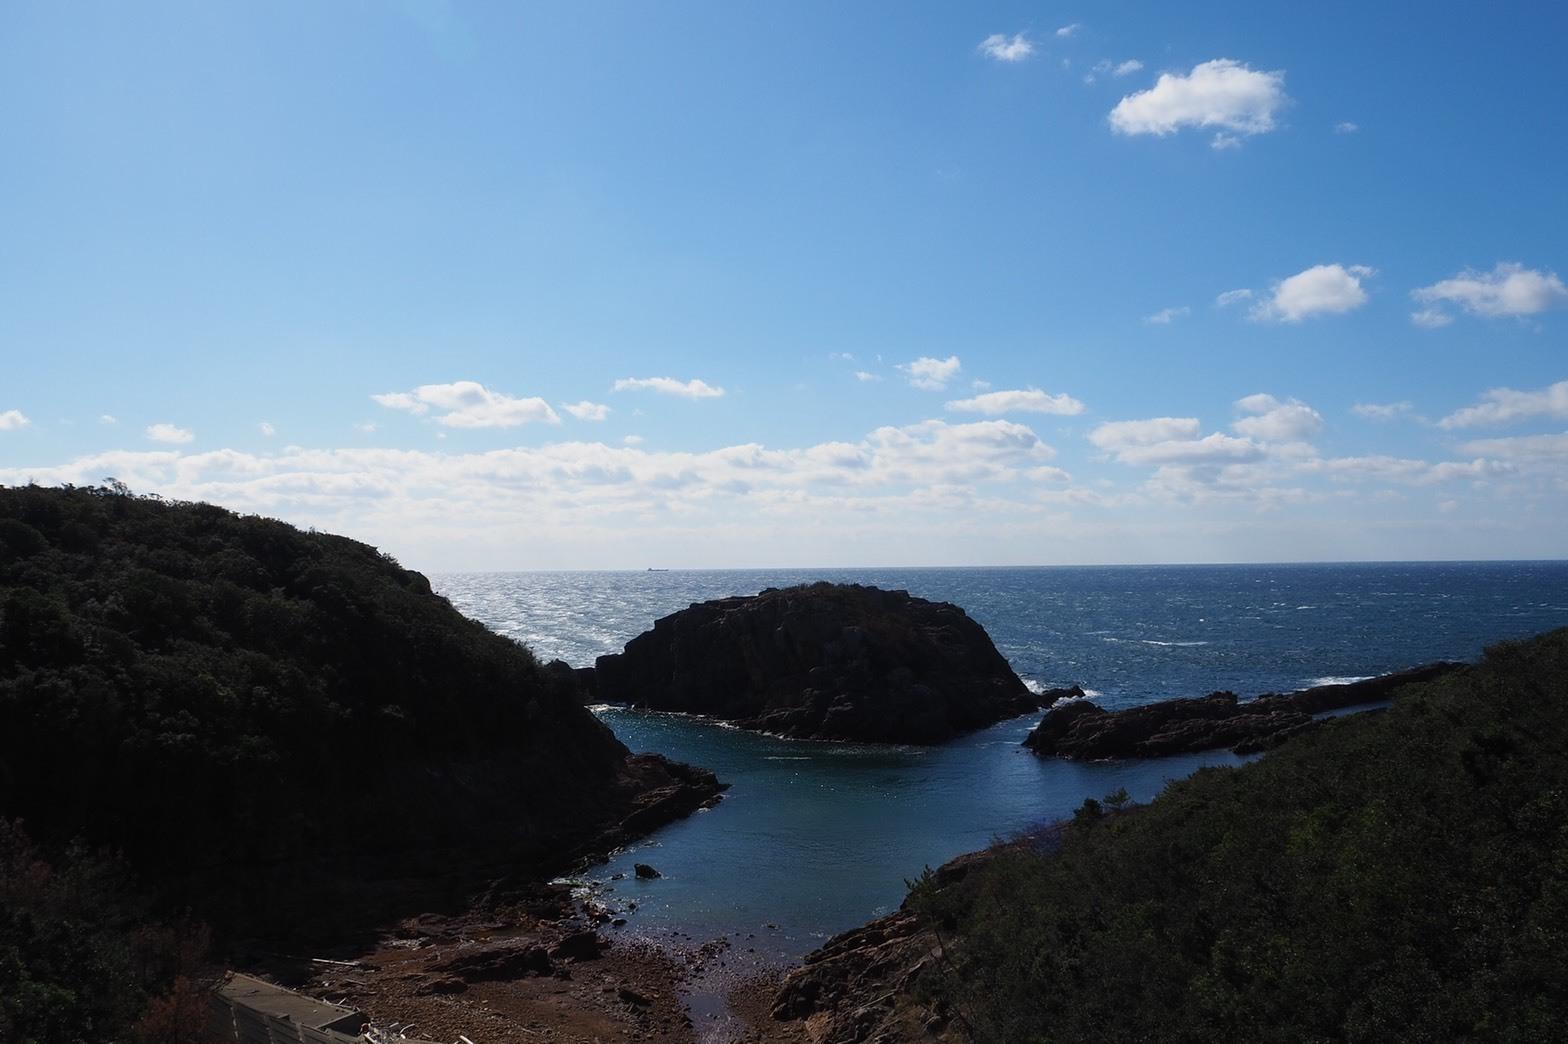 ぴーきち&ダイナ 和歌山南紀白浜ツーリング 海辺の景色